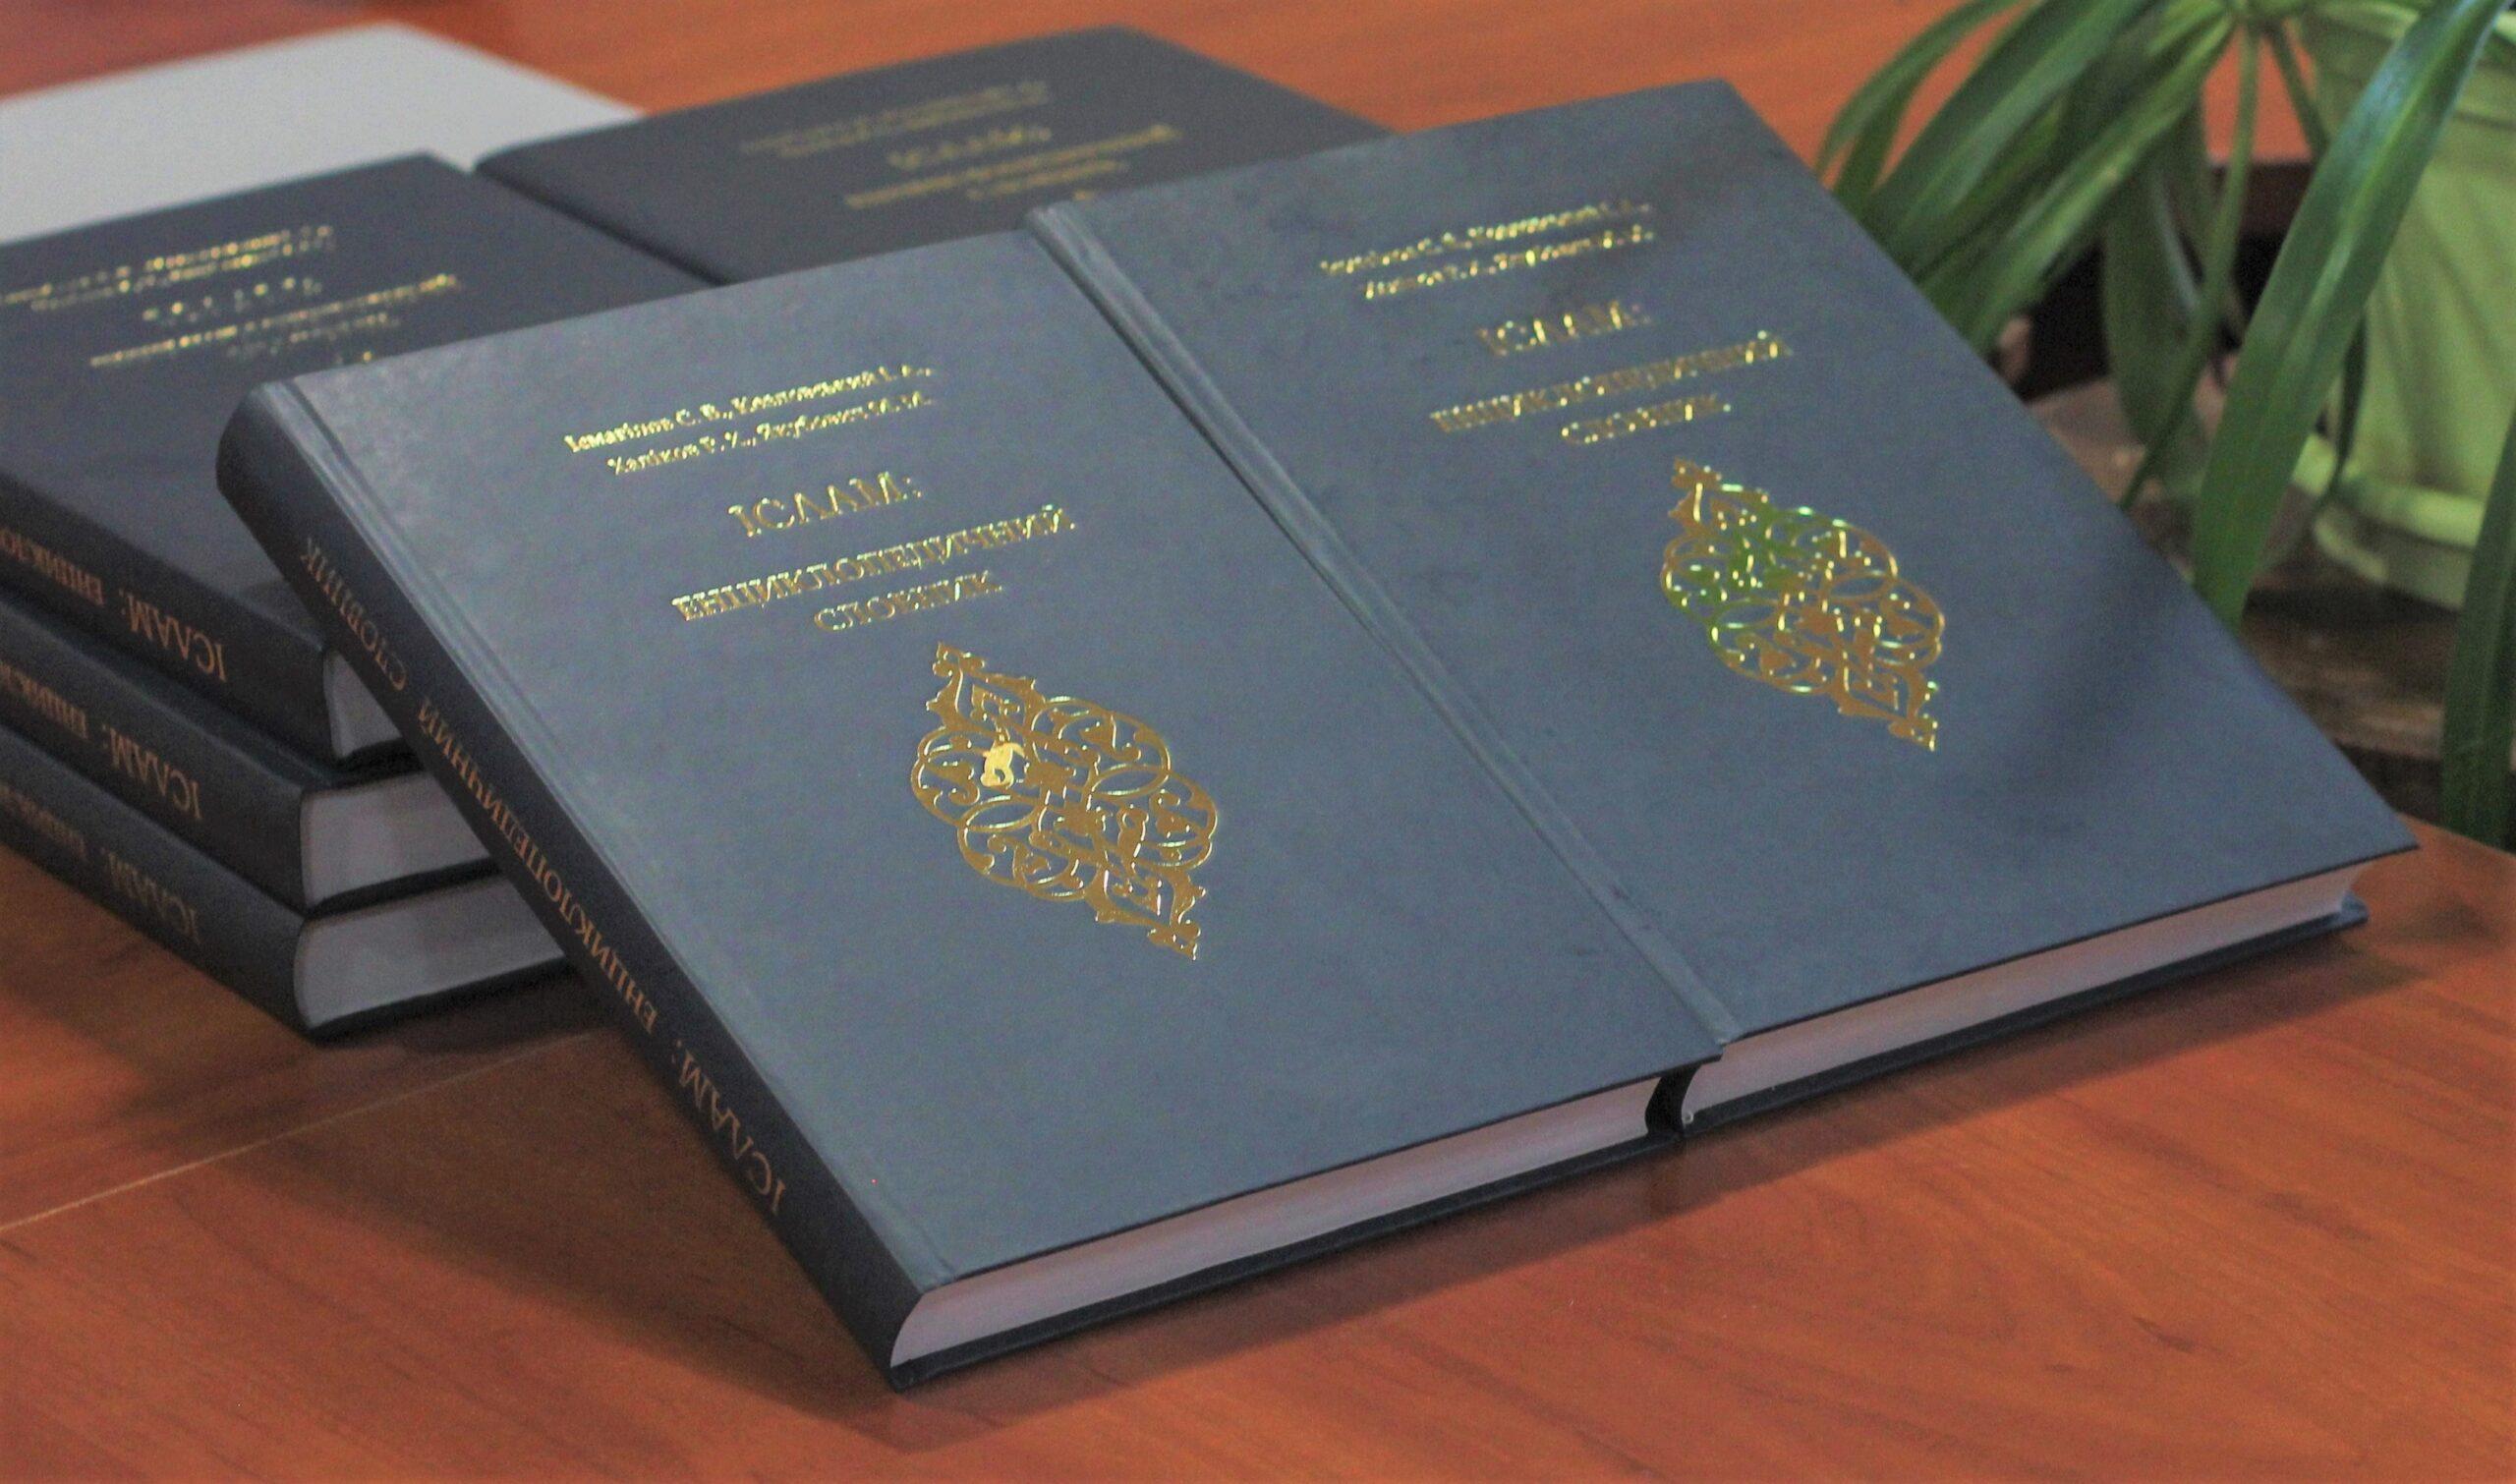 В Україні вперше вийшов друком словник понять ісламу українською мовою – «Іслам: енциклопедичний словник»